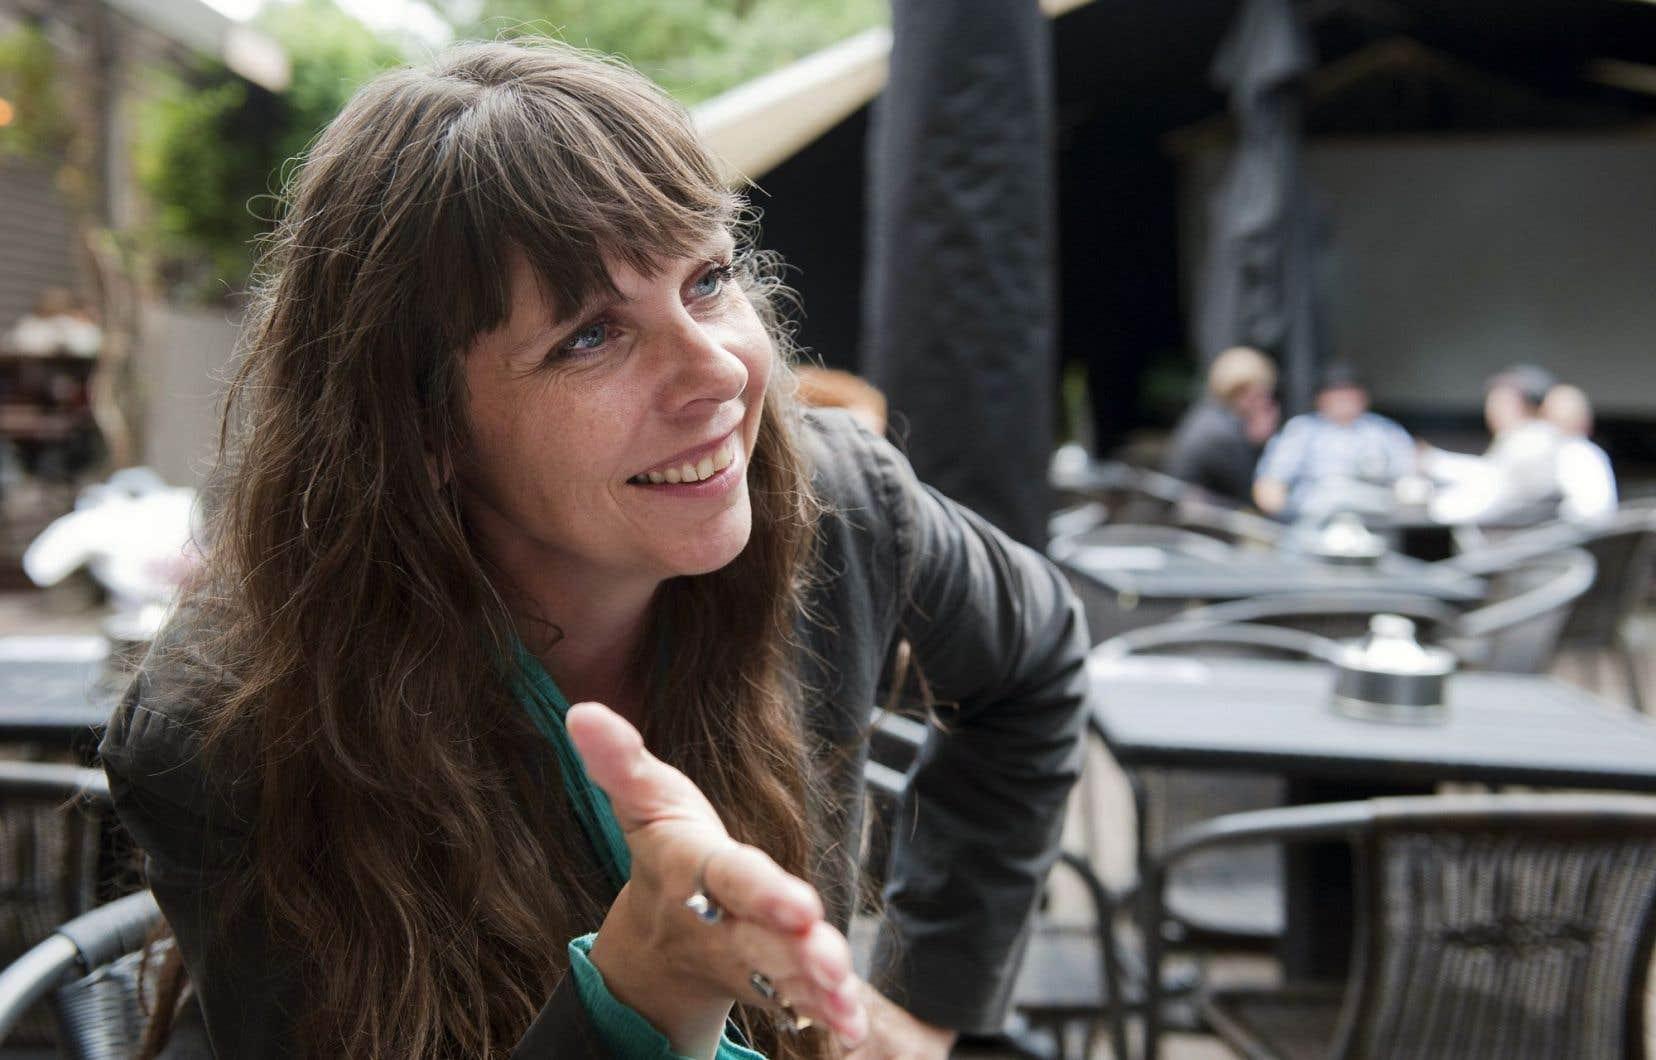 Birgitta Jonsdottir a fondé le Parti pirate en 2012. Elle dit ne pas avoir l'intention de renoncer à ses idéaux politiques même si la réalité du pouvoir se fait de plus en plus concrète.